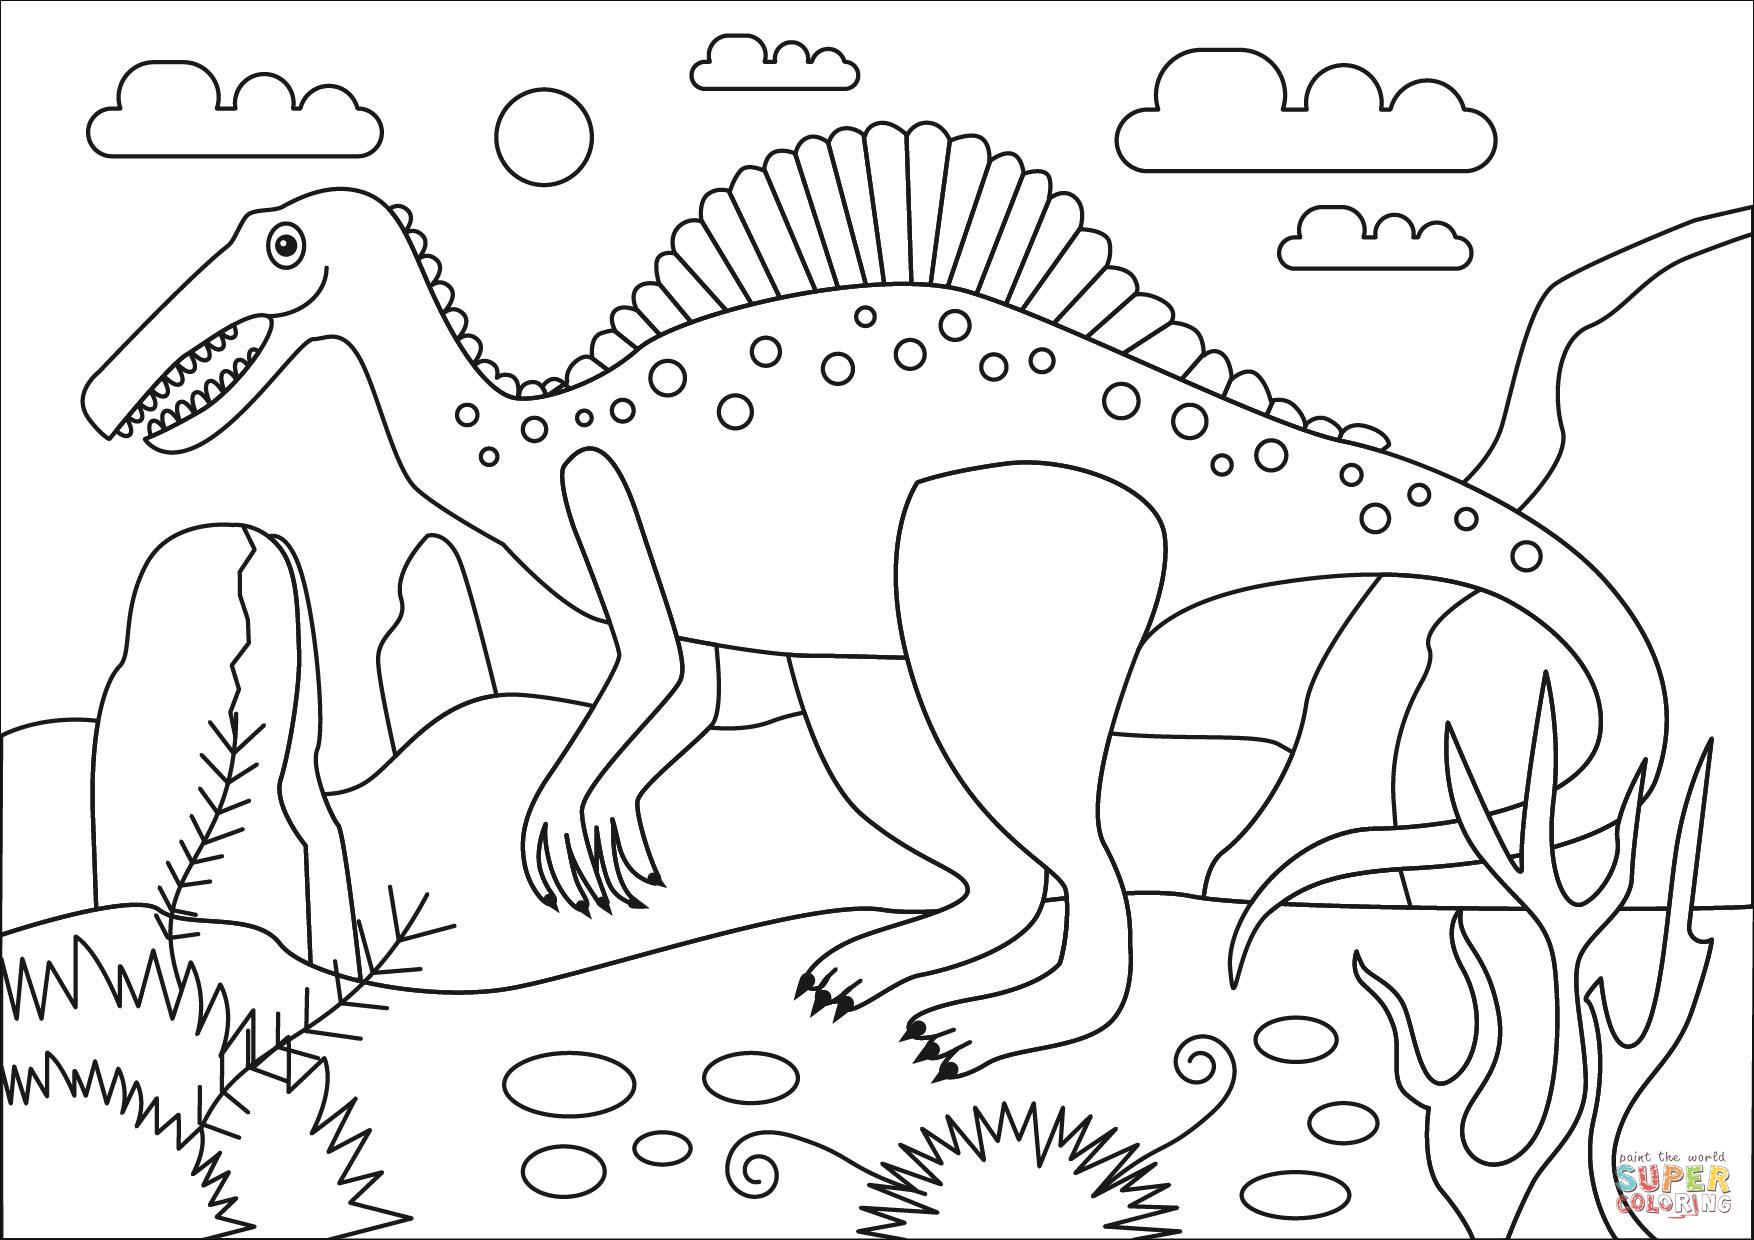 Ausmalbild: Spinosaurus Dinosaurier | Ausmalbilder Kostenlos bei Ausmalbilder Kostenlos Dinosaurier